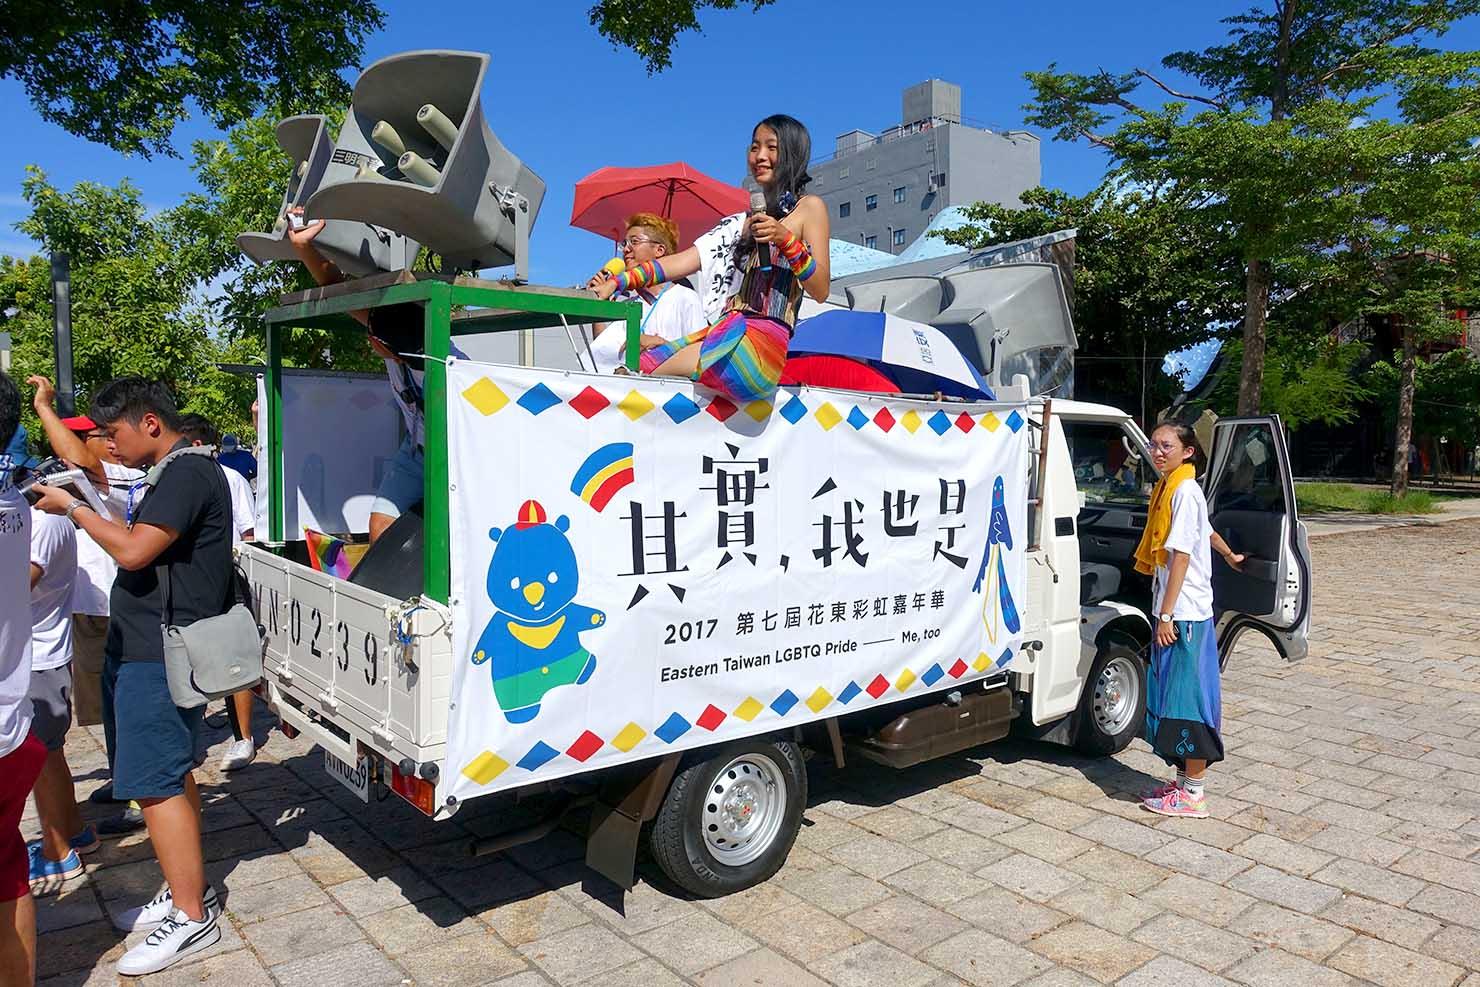 台湾東部のLGBTプライド「花東彩虹嘉年華」台東会場のパレードカー